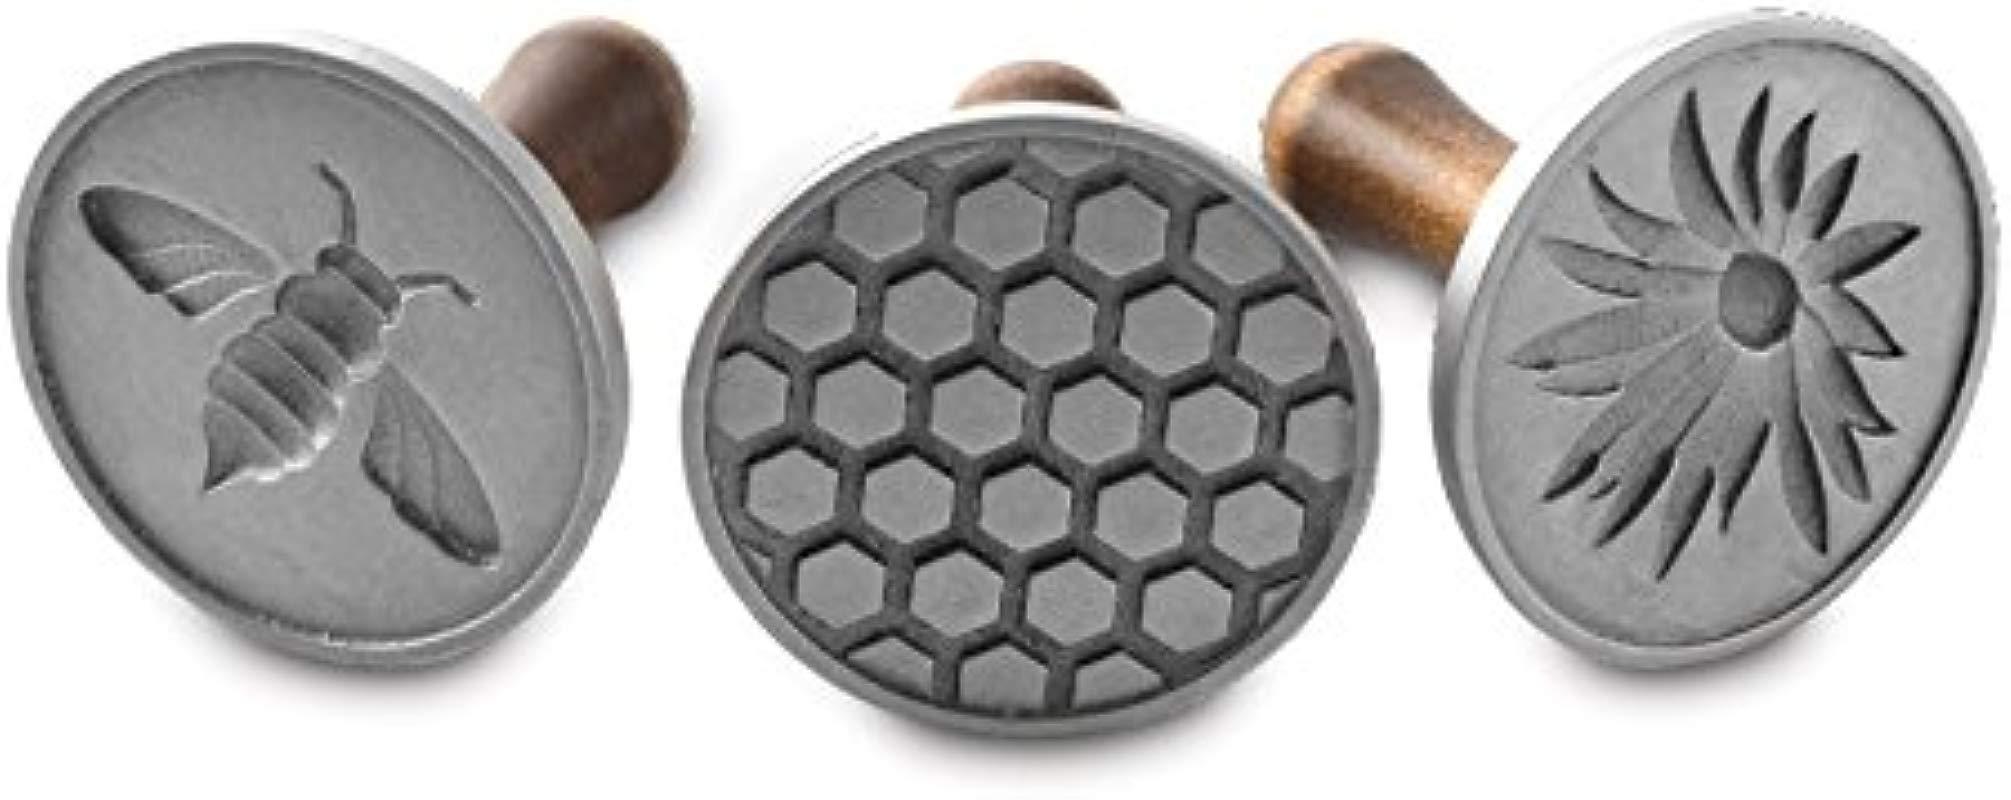 Nordic Ware Honeybee Cast Cookie Stamps Metallic